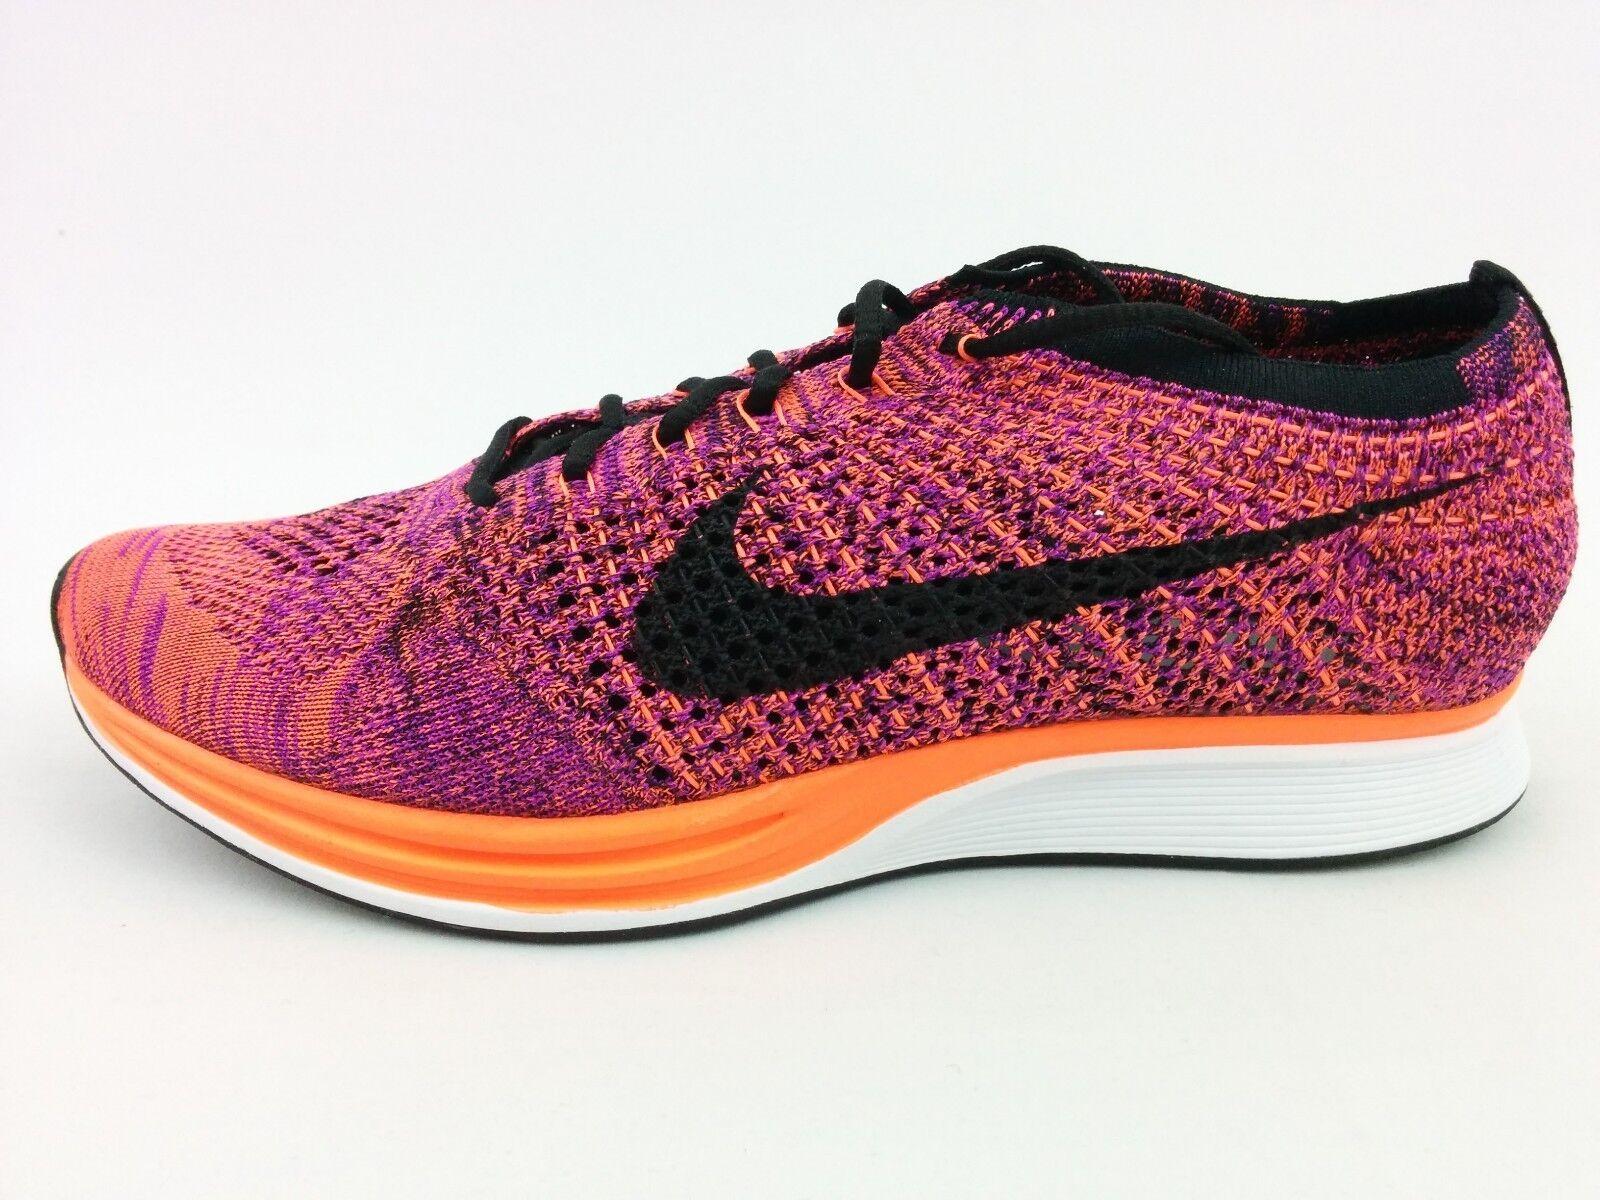 Nike Flyknit Racer Black Hyper Orange Vivid Purple SZ 10 /Wmn 11.5  (526628-008)